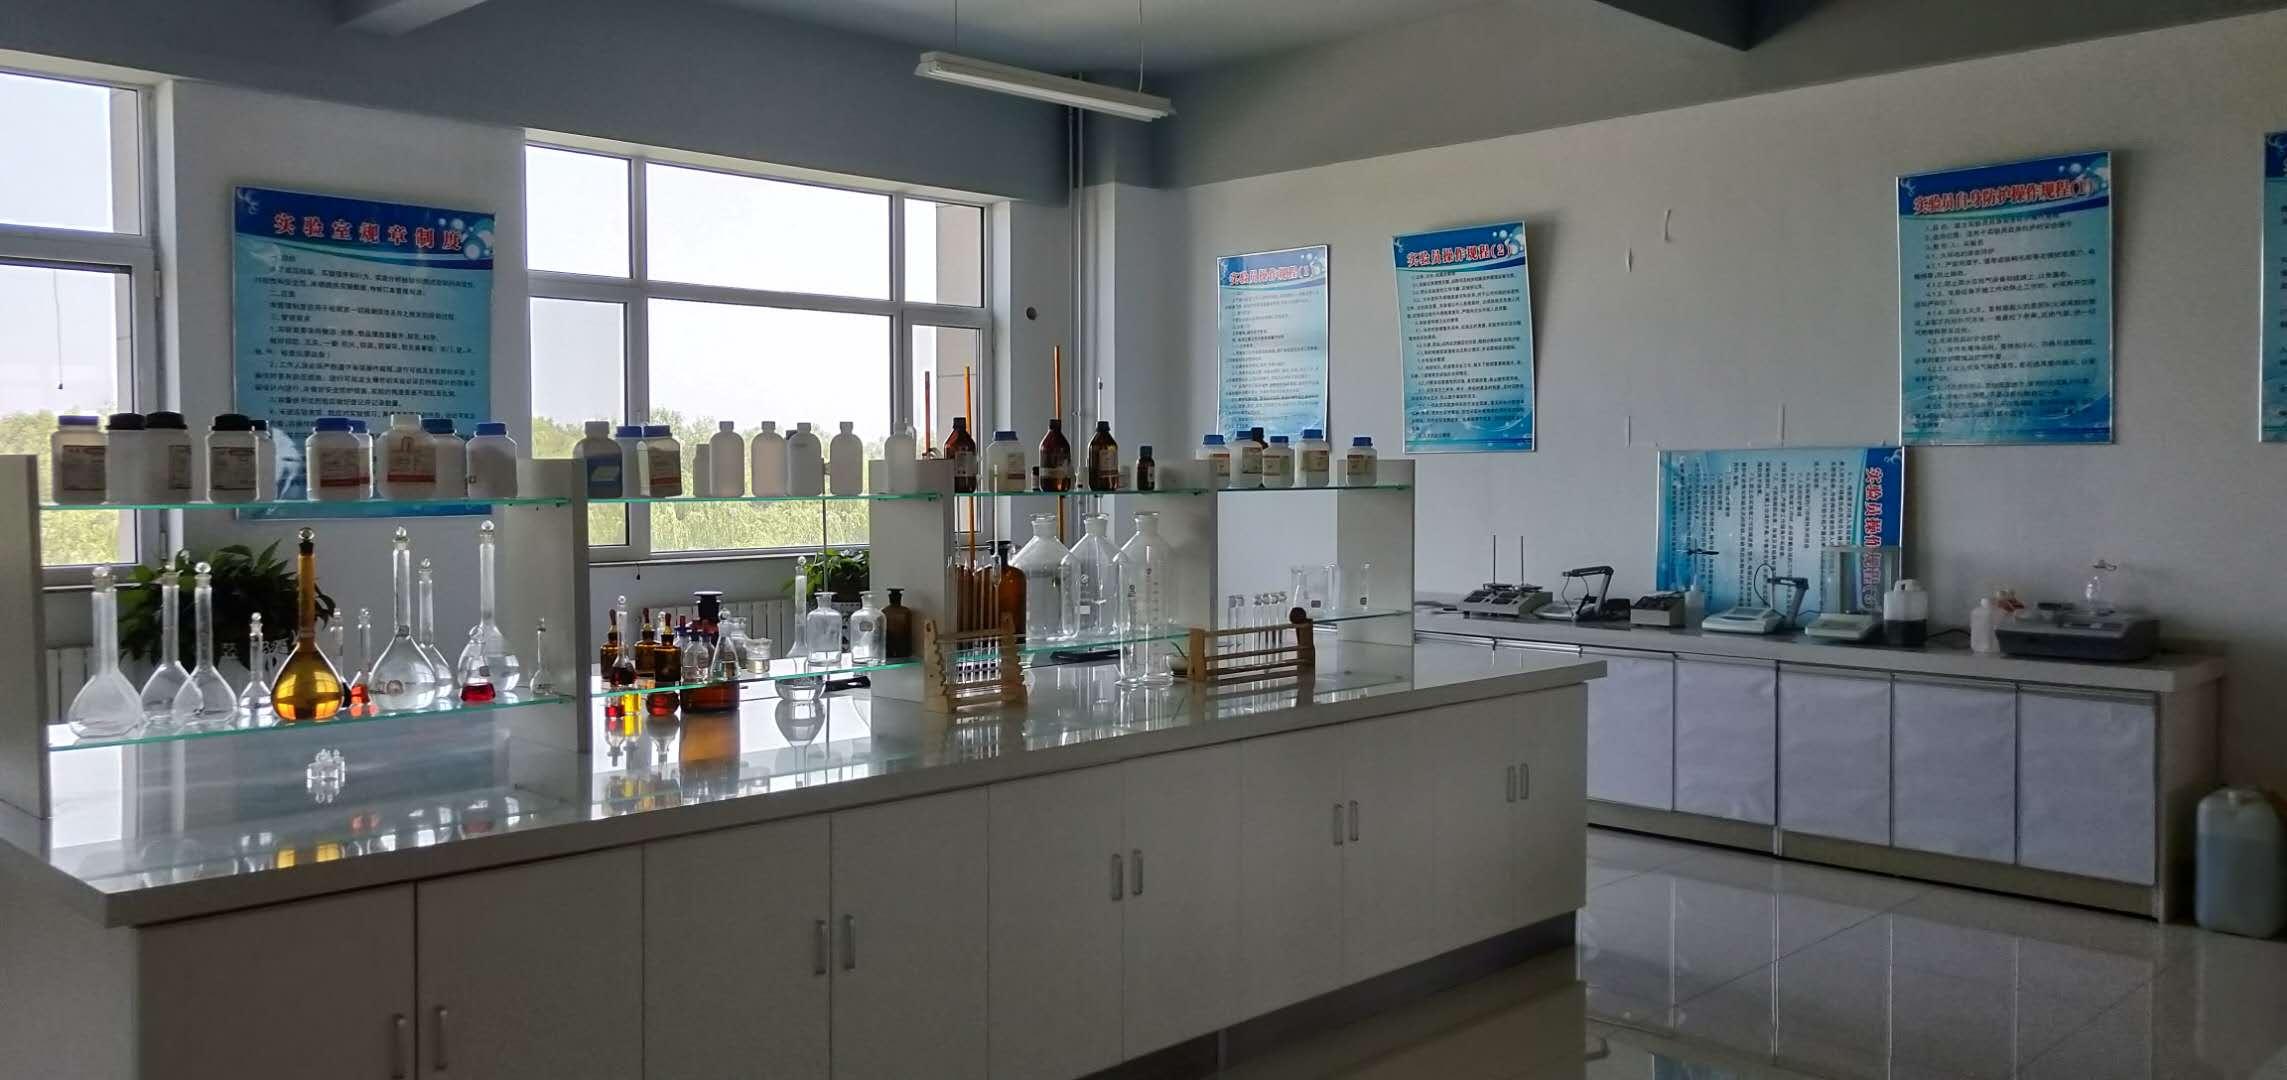 口碑好的水处理药剂批发-阿克苏水处理药剂